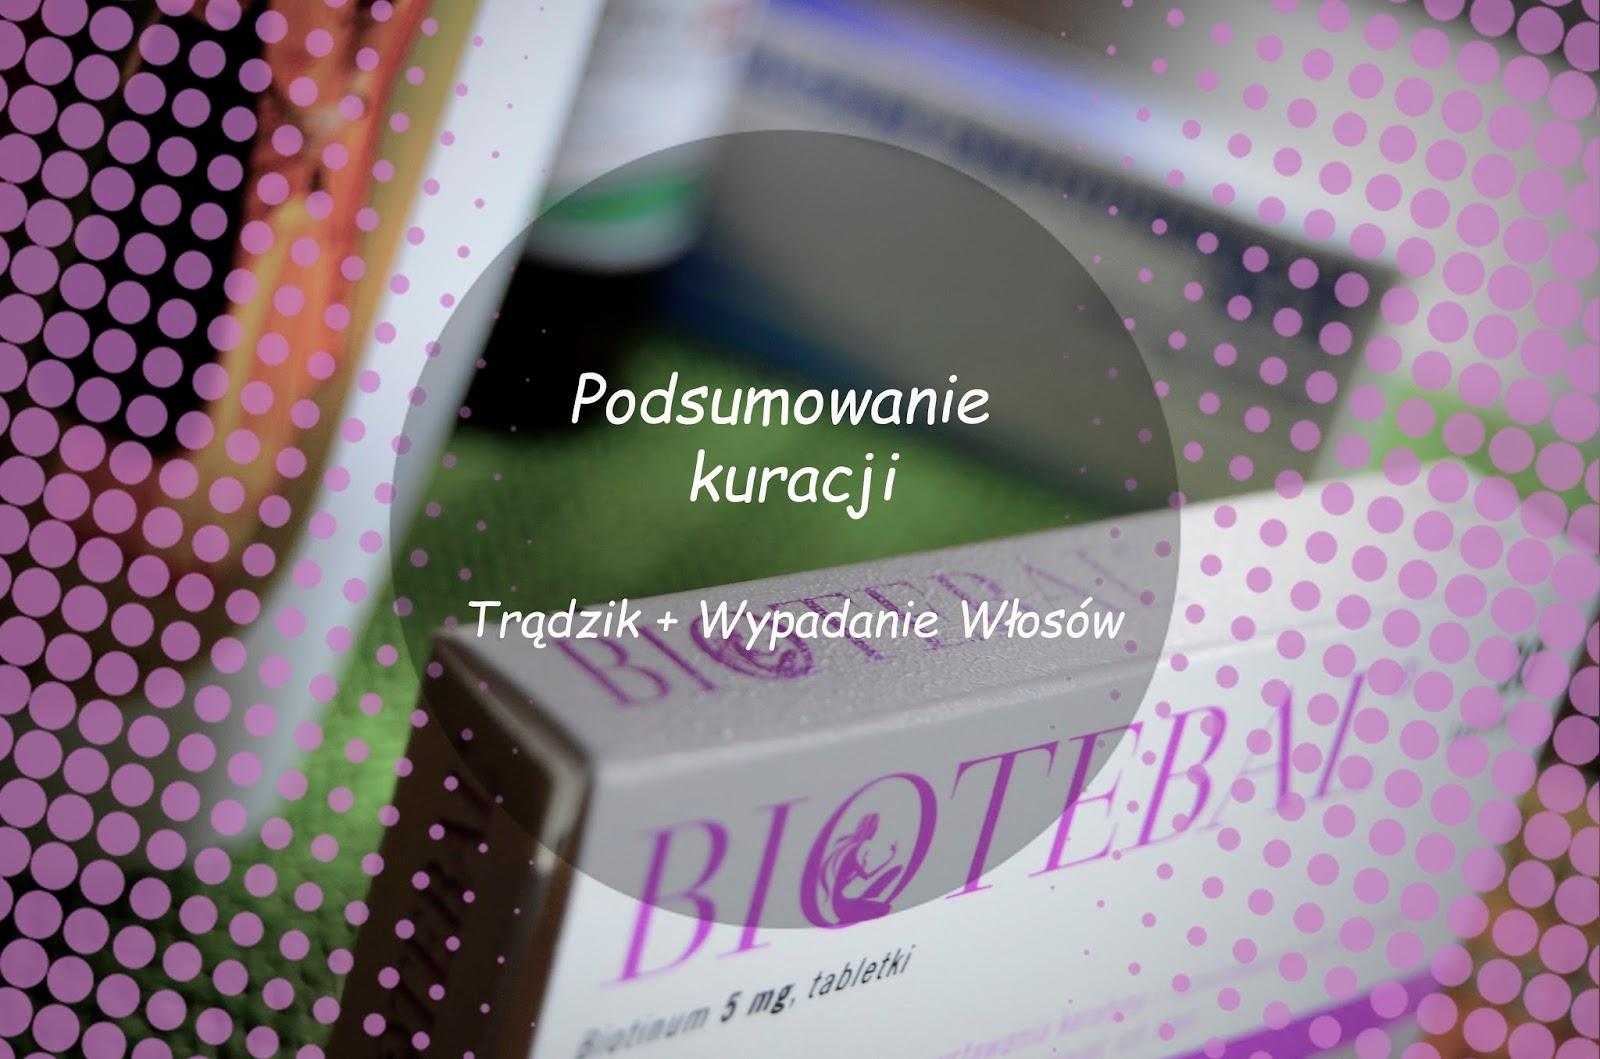 http://hairwitchproject.blogspot.com/2016/10/jak-mi-poszo-czyli-zbiorcze.html